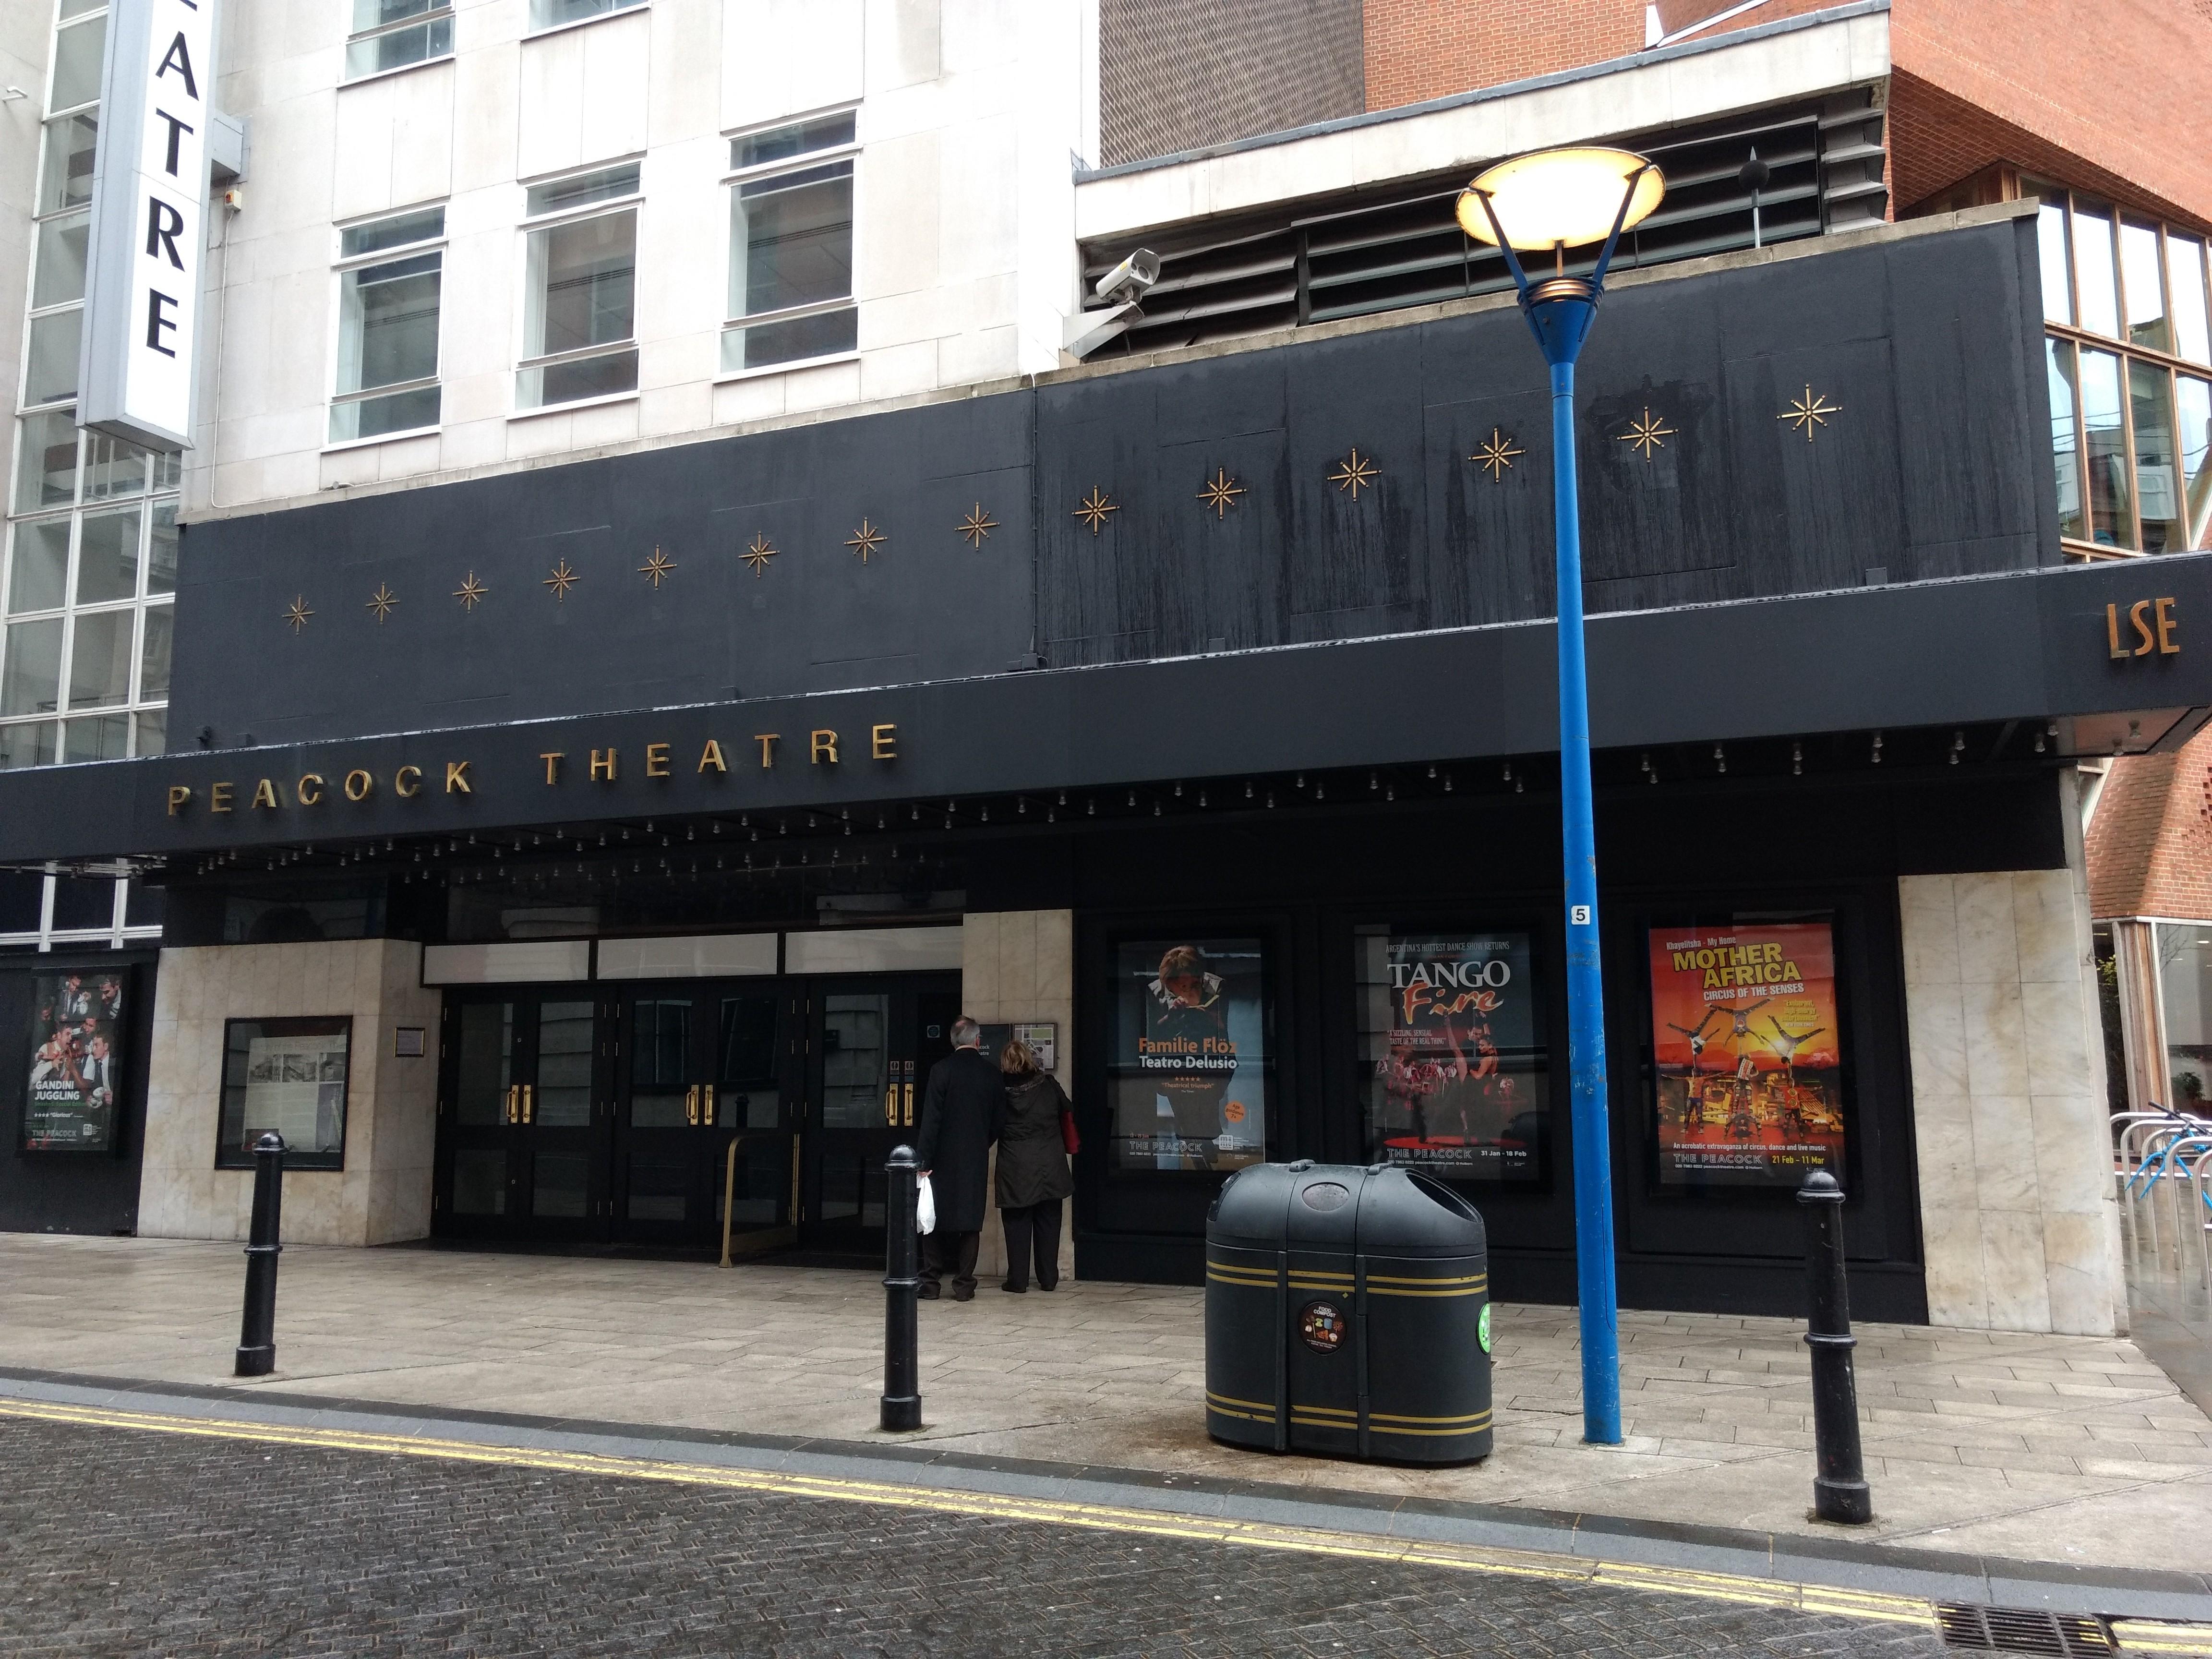 Peacock Theatre Wikipedia